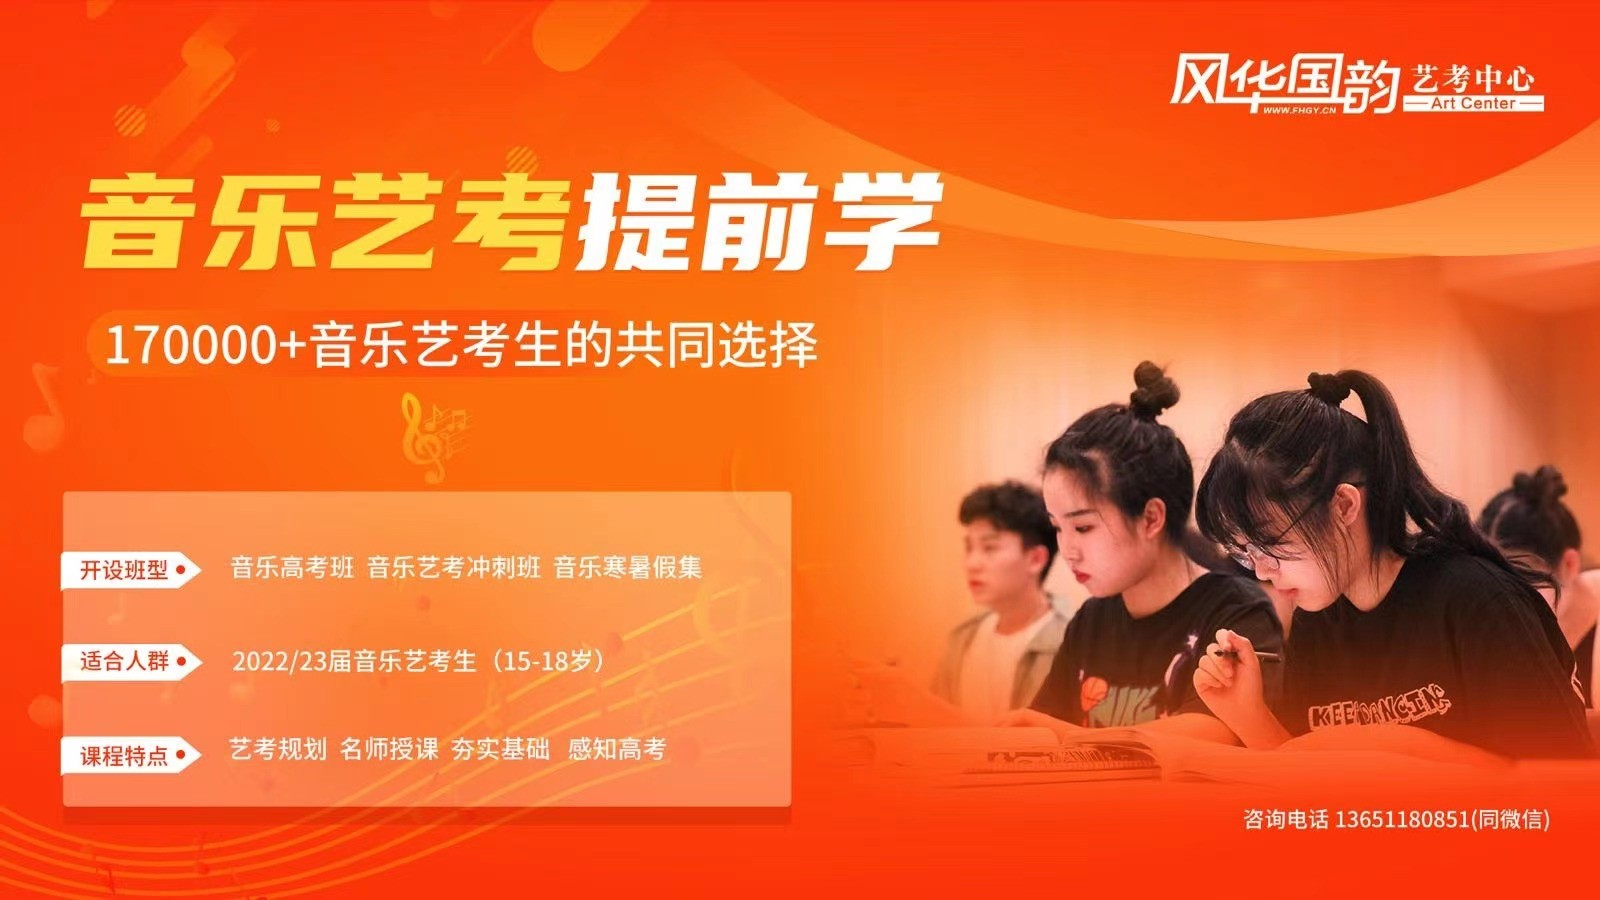 浙江杭州广东11选5开奖结果学校哪家好?